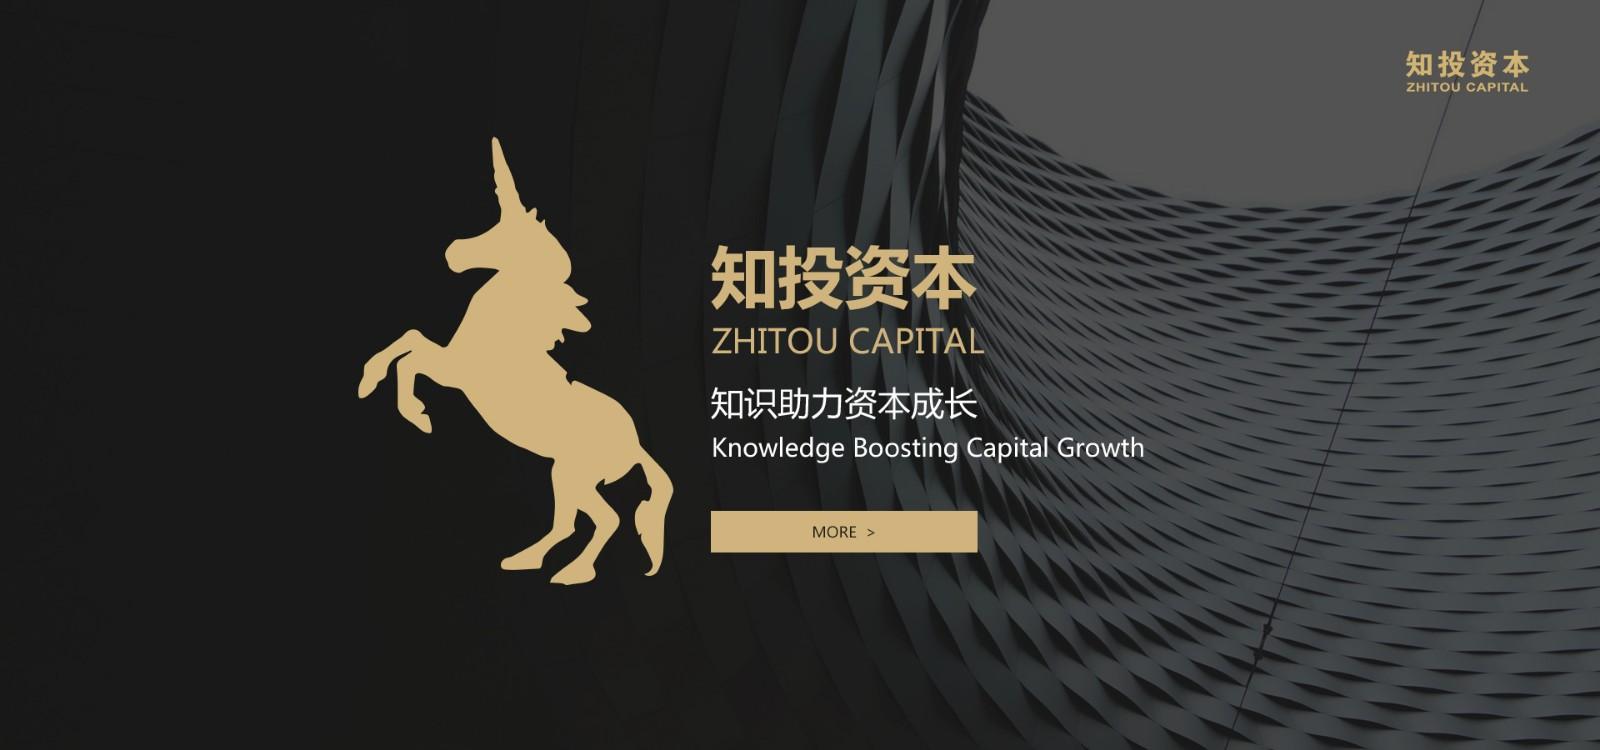 风险投资公司_商机网